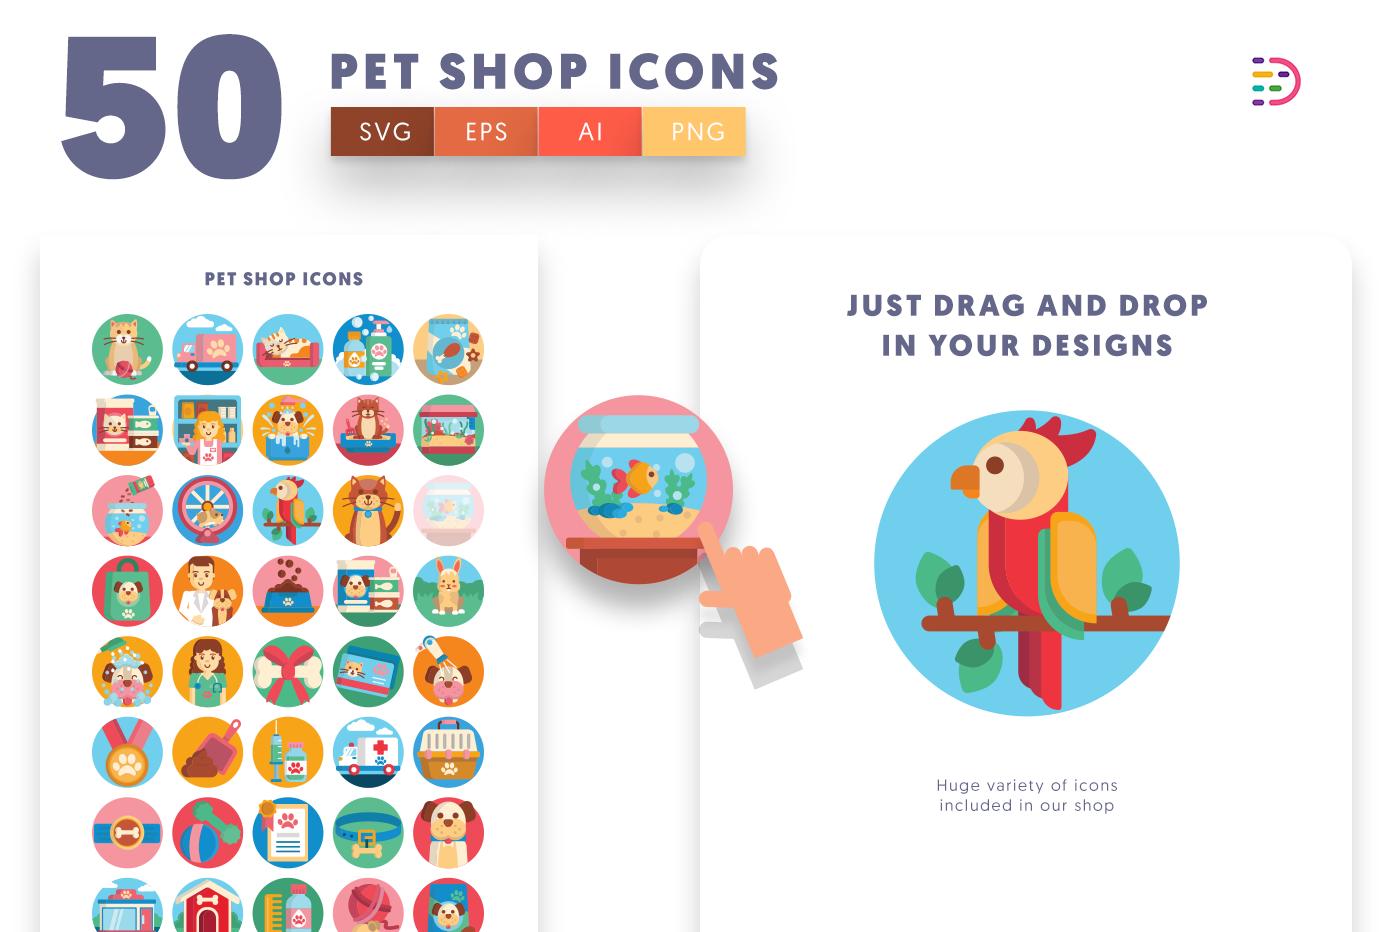 Drag and drop vector 50 Petshop Icons